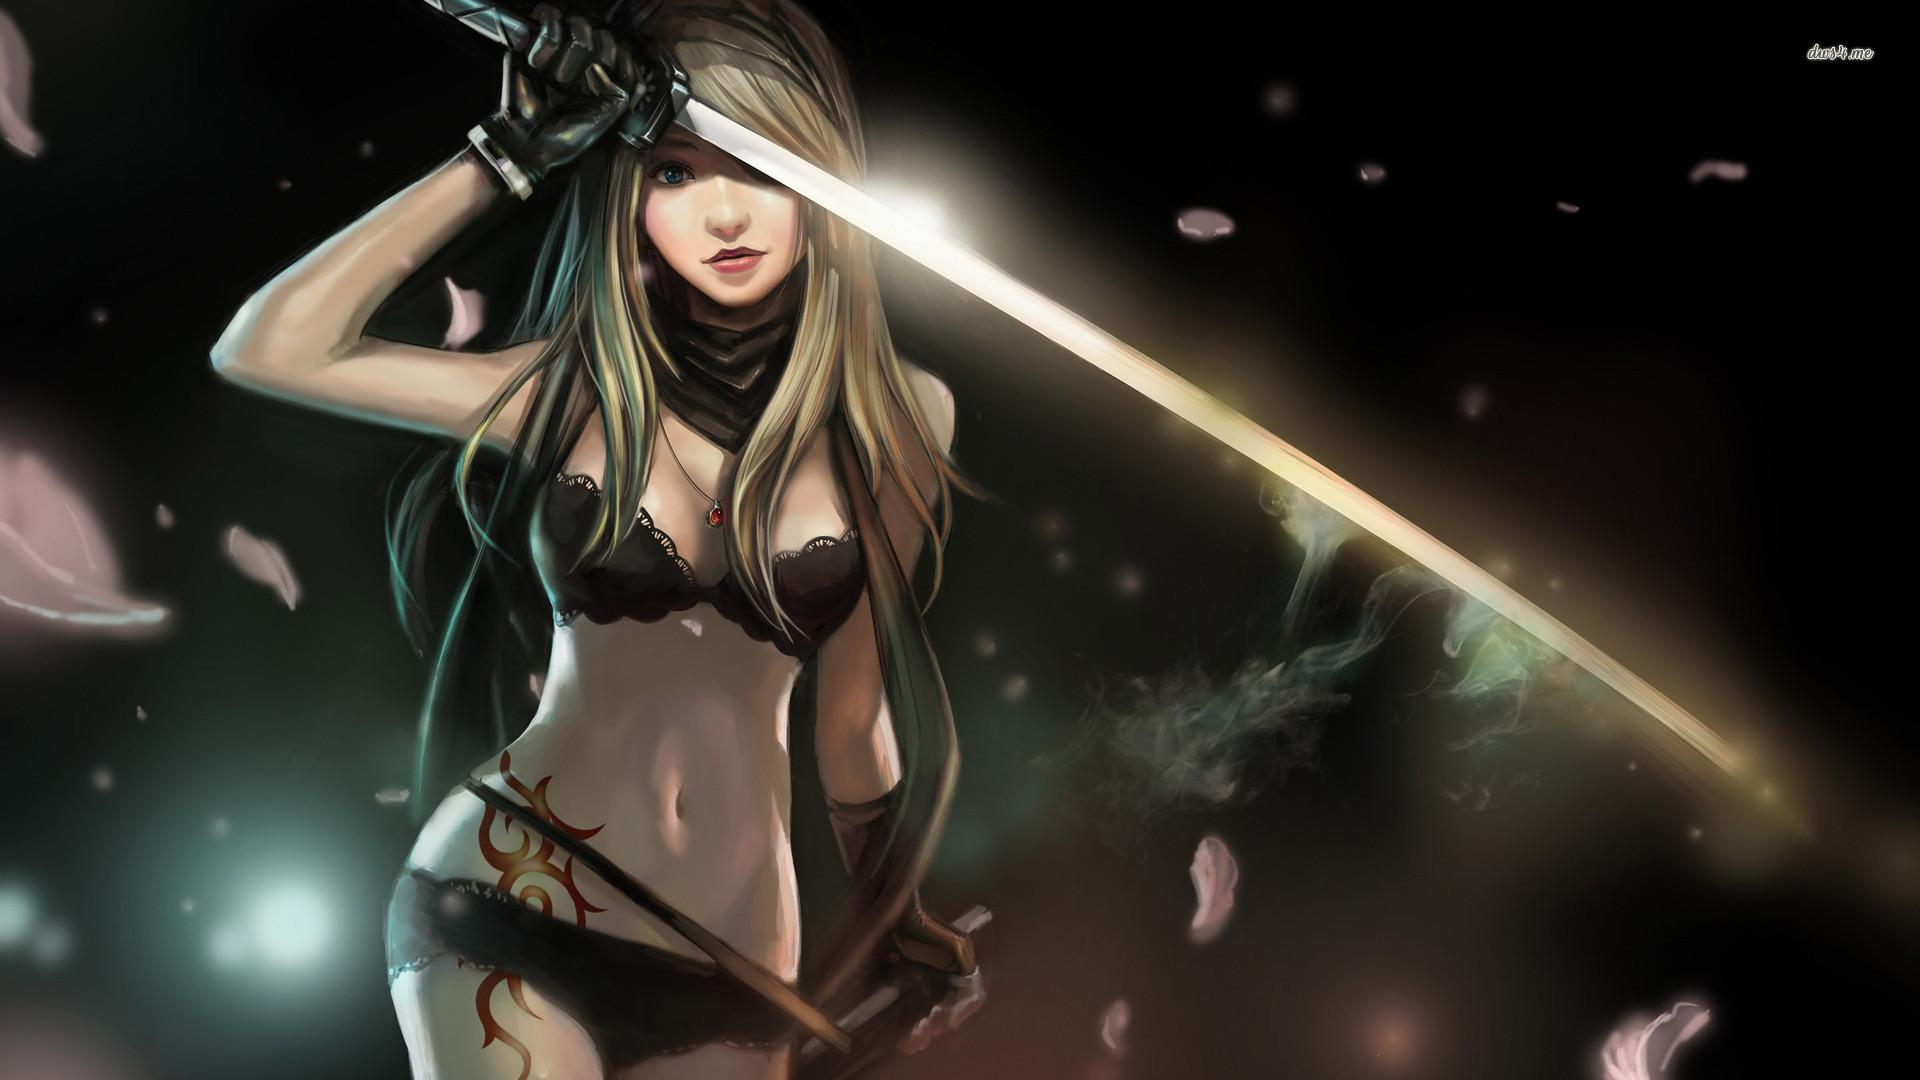 wallpaper Girl Anime Assassin Girl Wallpaper